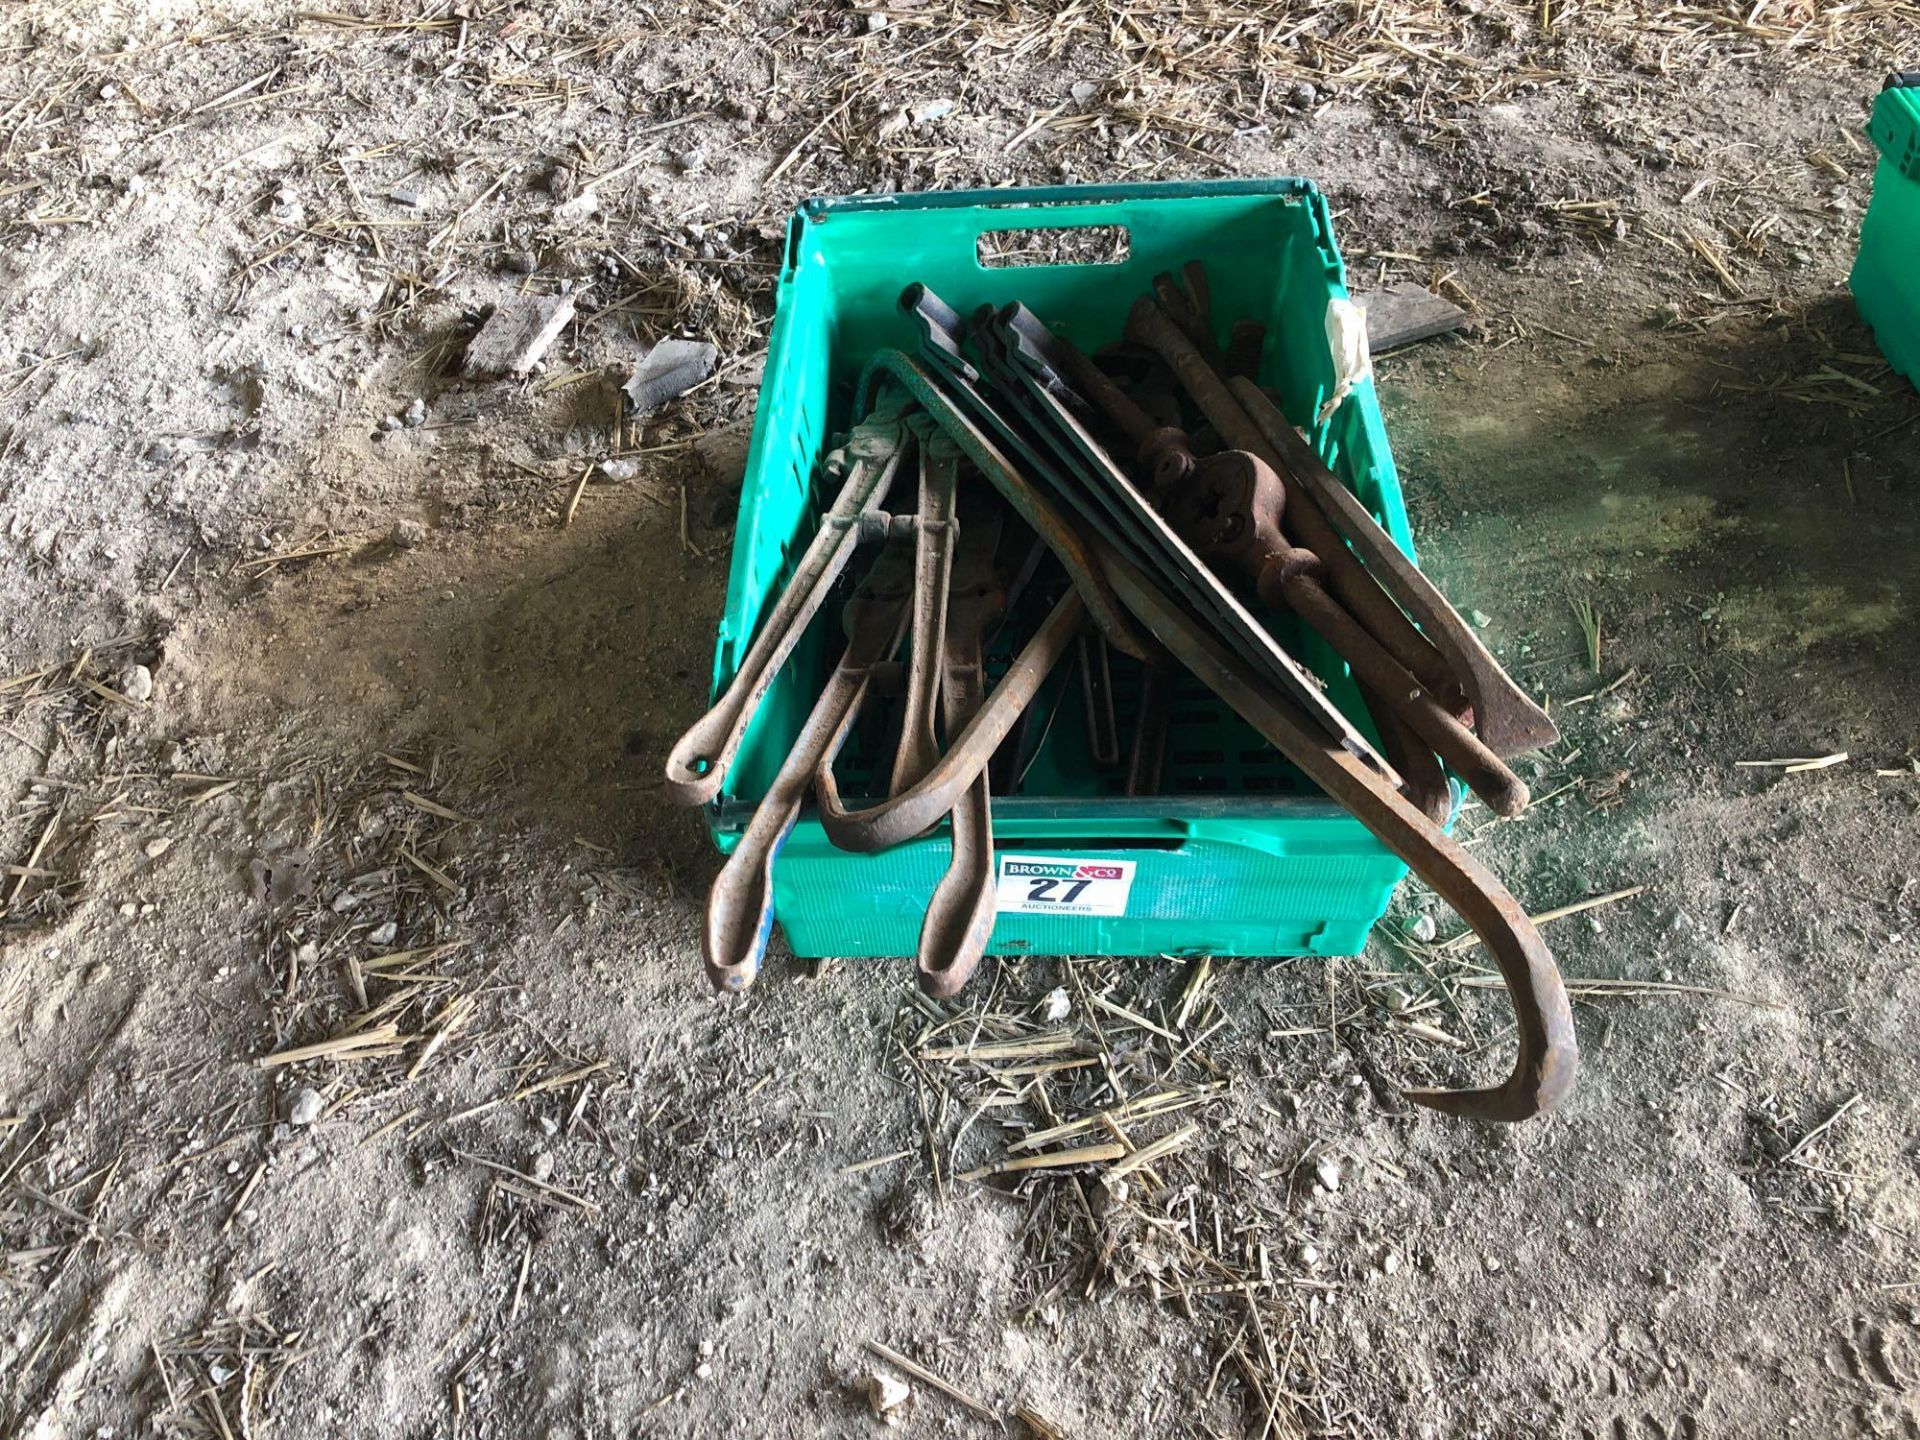 Lot 27 - Quantity hand tools